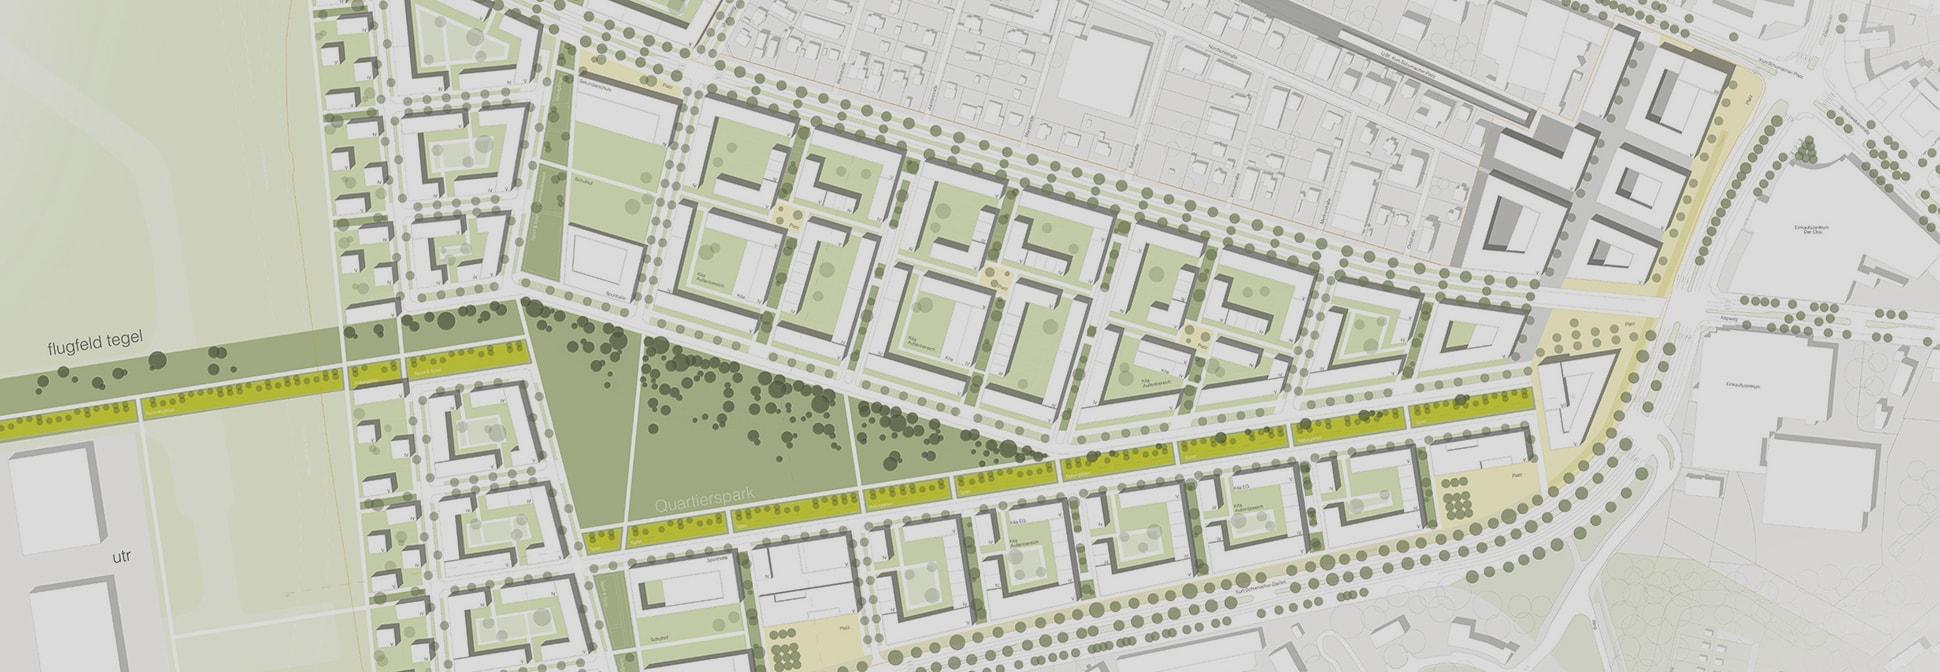 Schumacher Quartier in Berlin Tegel Zugang